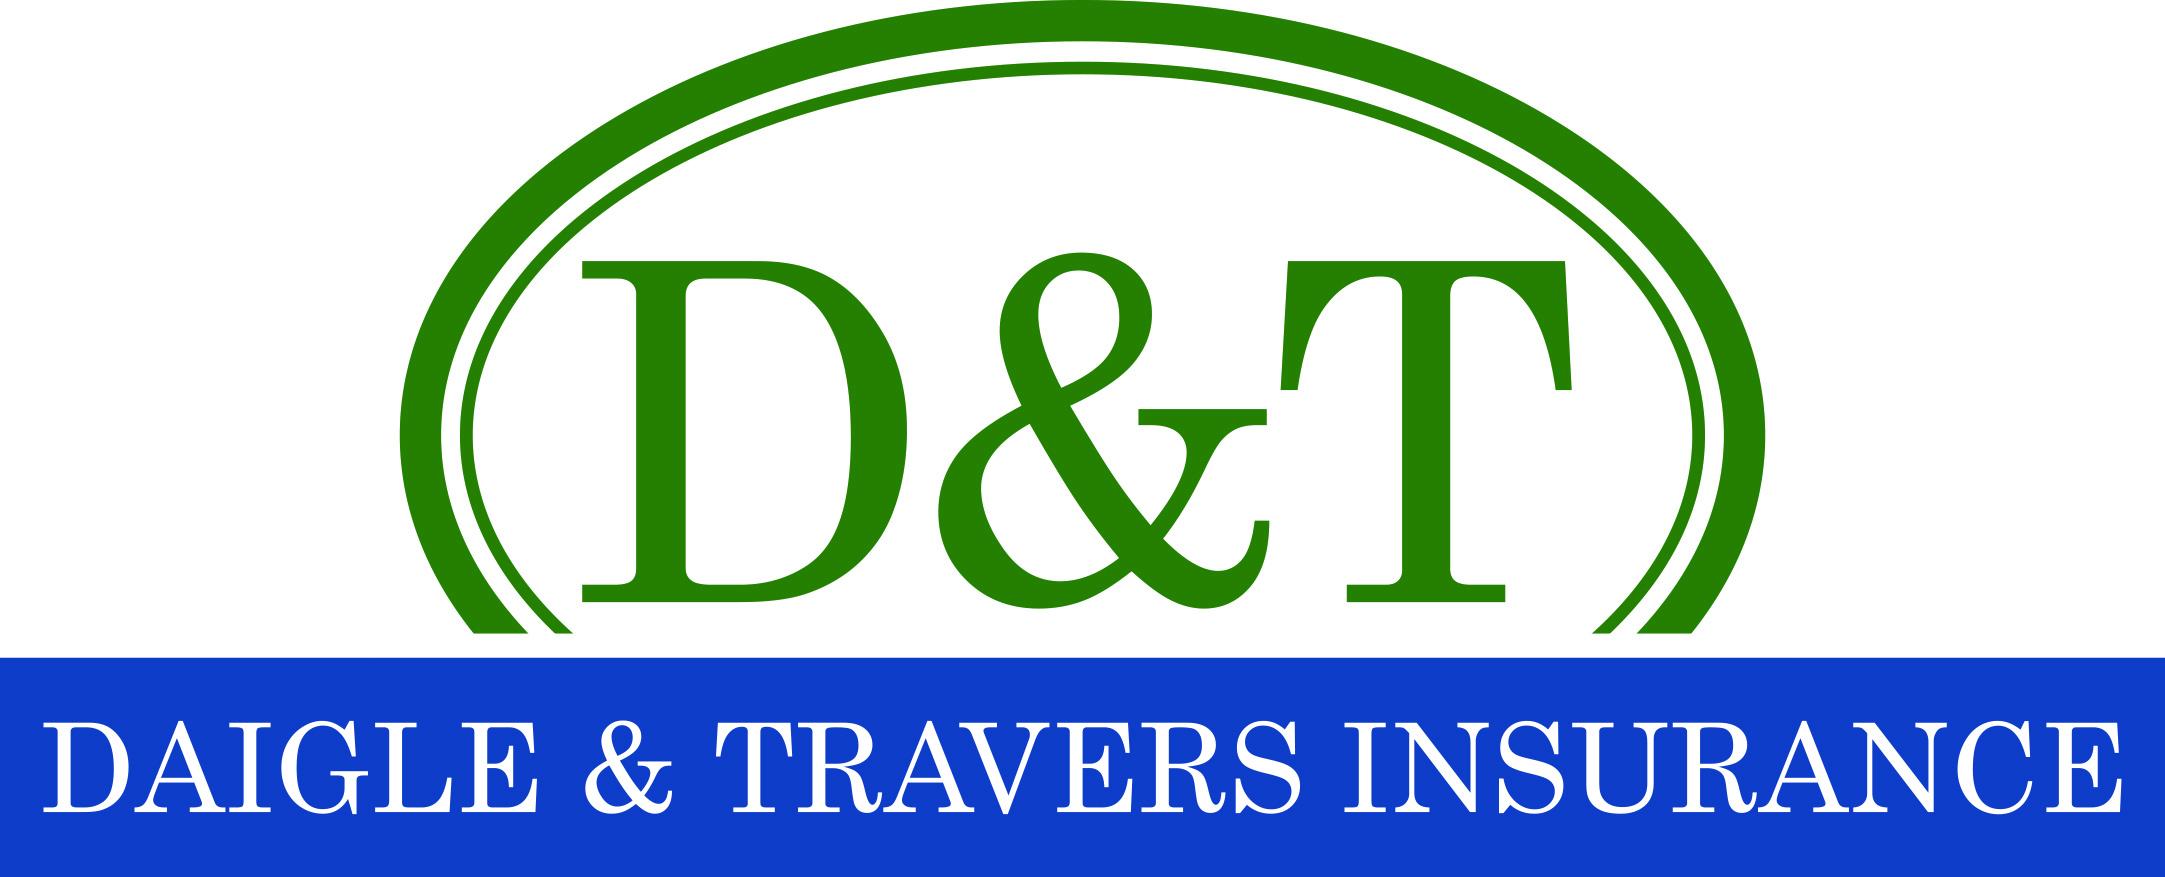 Duck17 - logo - dt INSURANCE logo.jpg